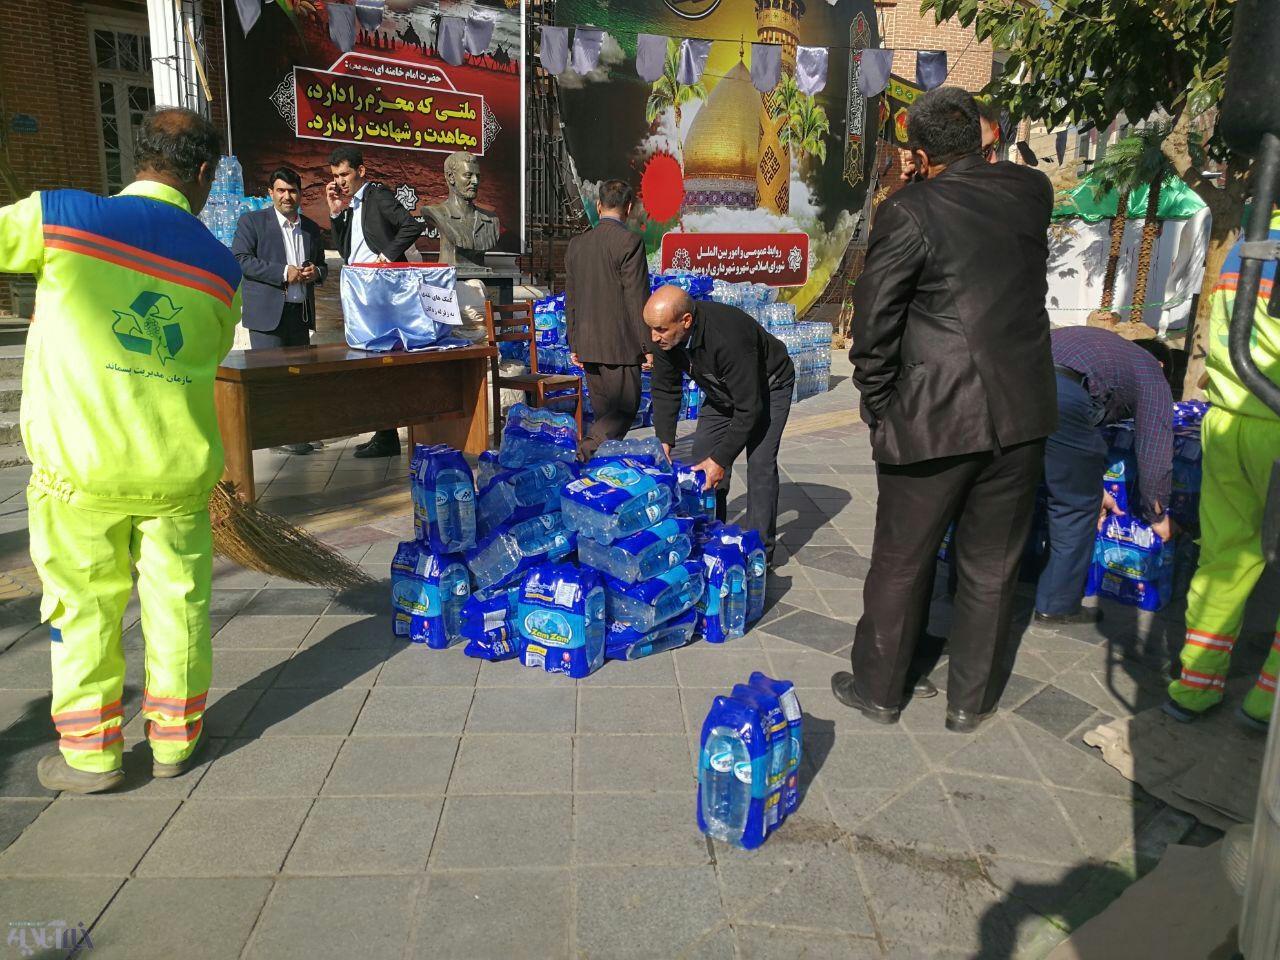 جمعآوری و ارسال اولین محموله کمکهای مردم ارومیه به زلزله زدگان غرب کشور